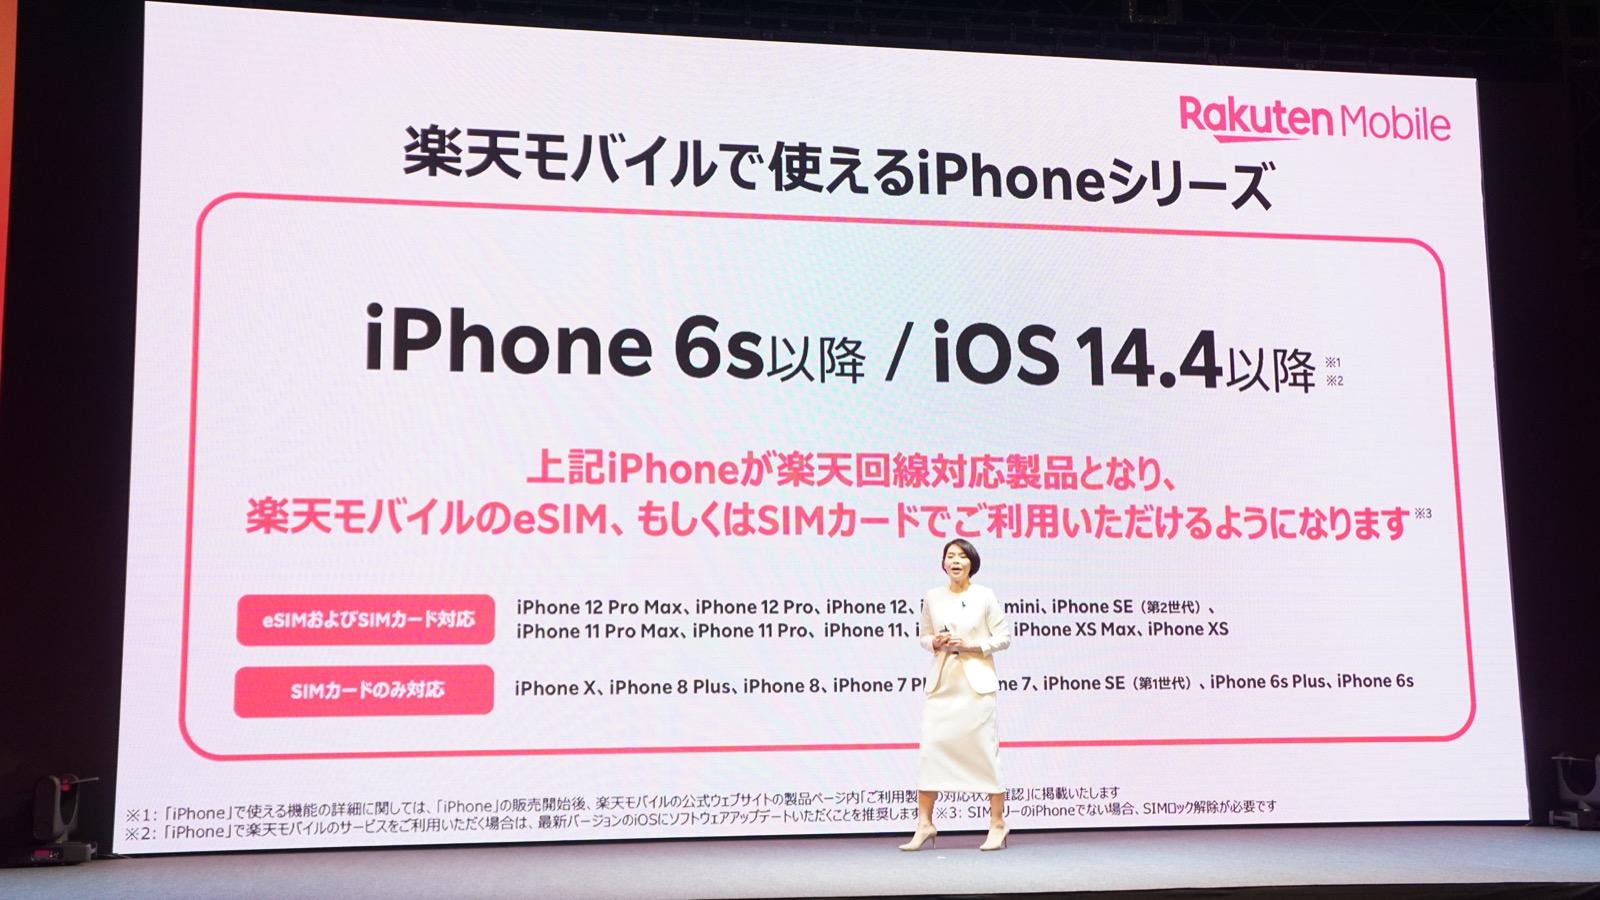 楽天モバイル、iPhoneに正式対応。iPhone 6sも対応機種に